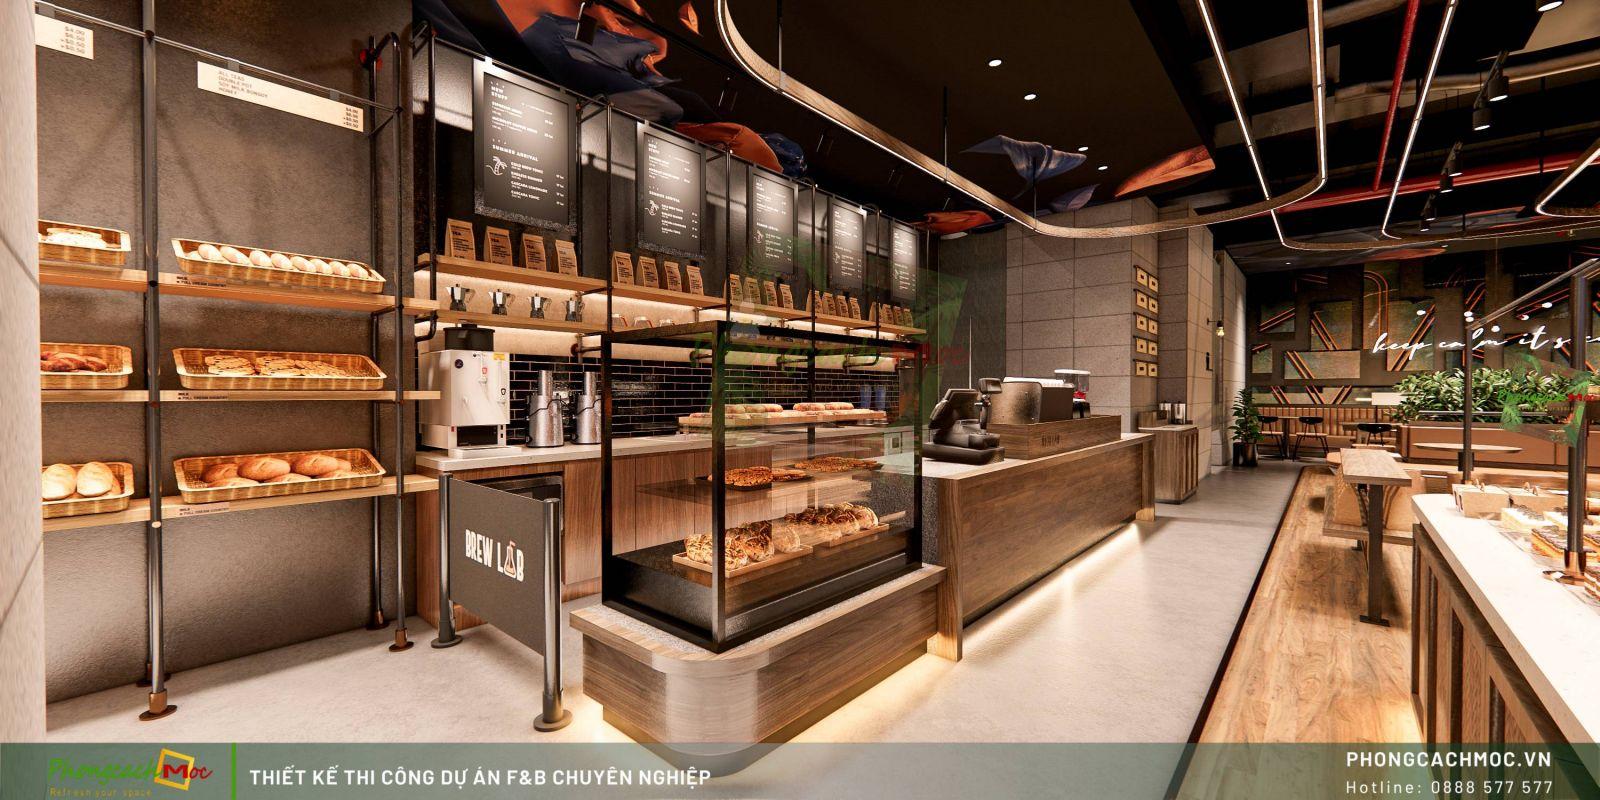 Thiết kế không gian Brew Lad Coffee